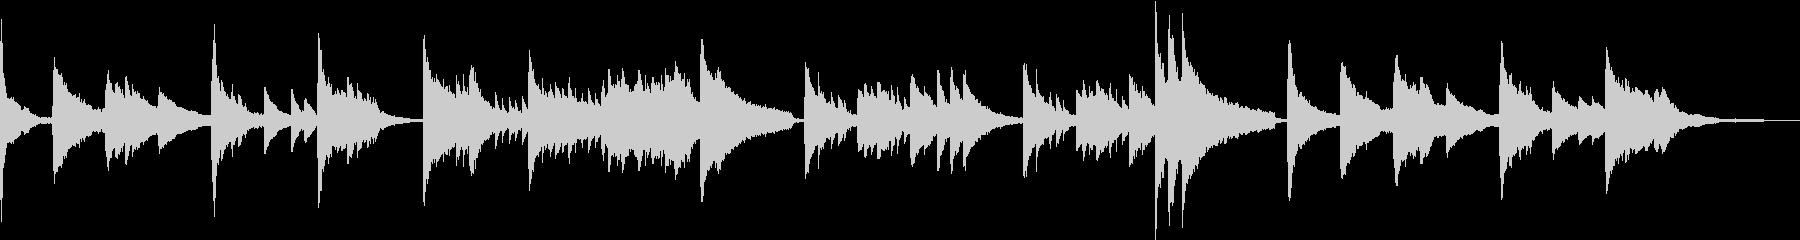 テクスチャー 幻想的・儚いピアノソロの未再生の波形